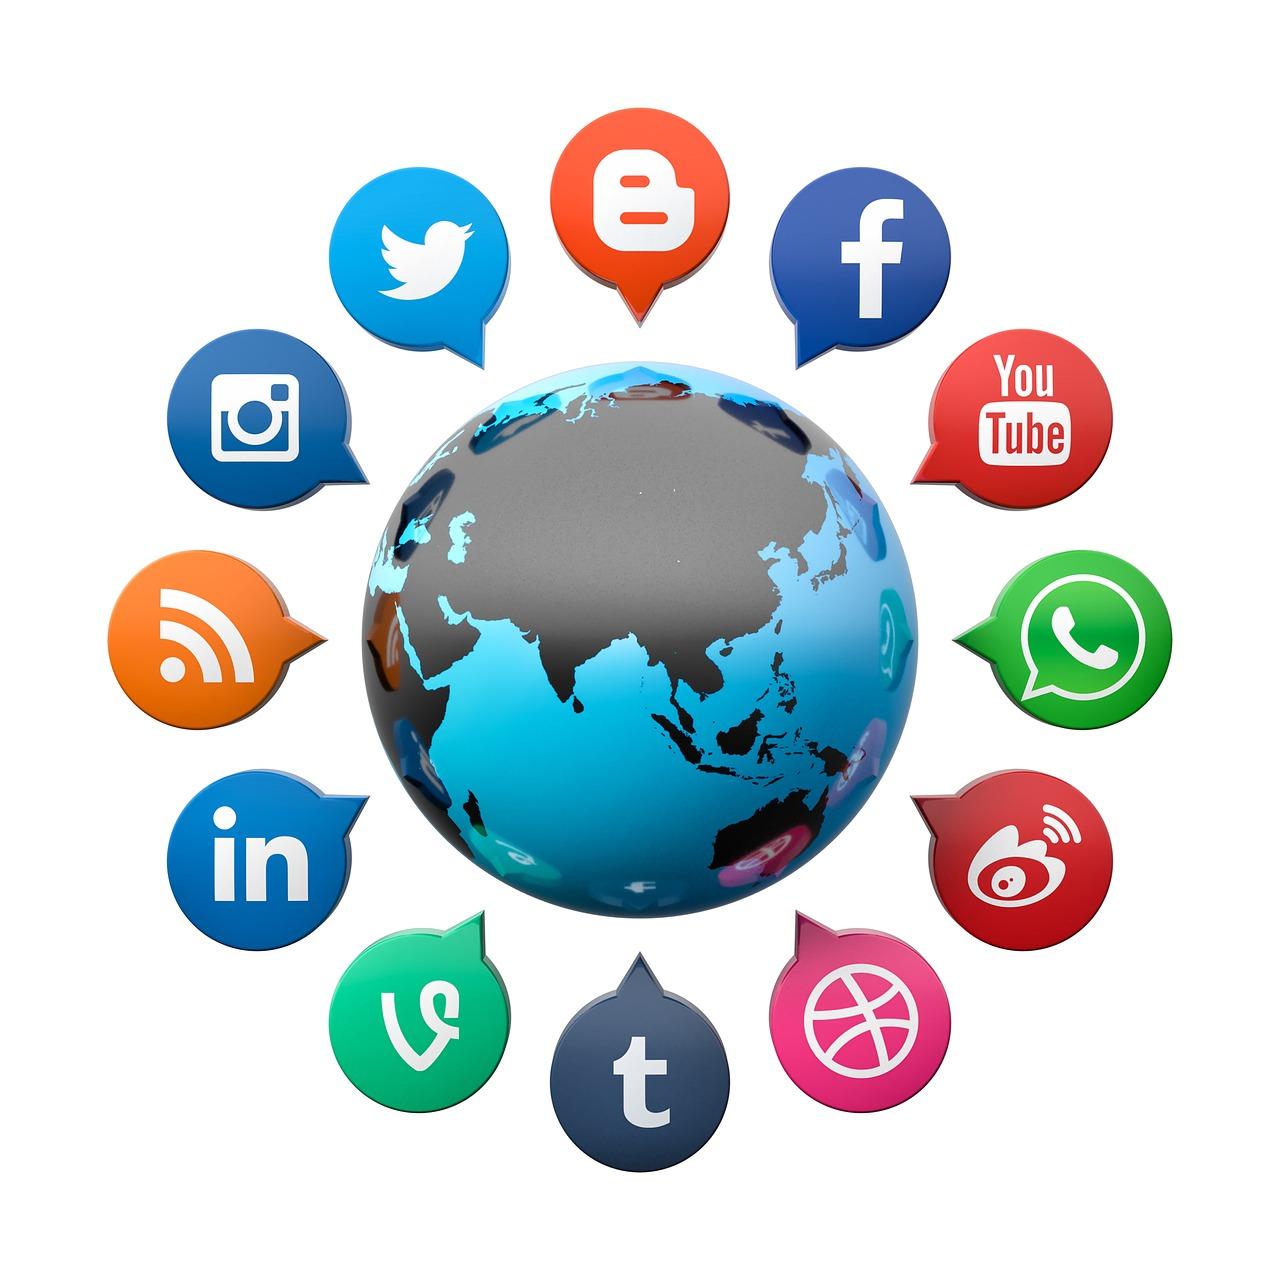 Logos of different social media.